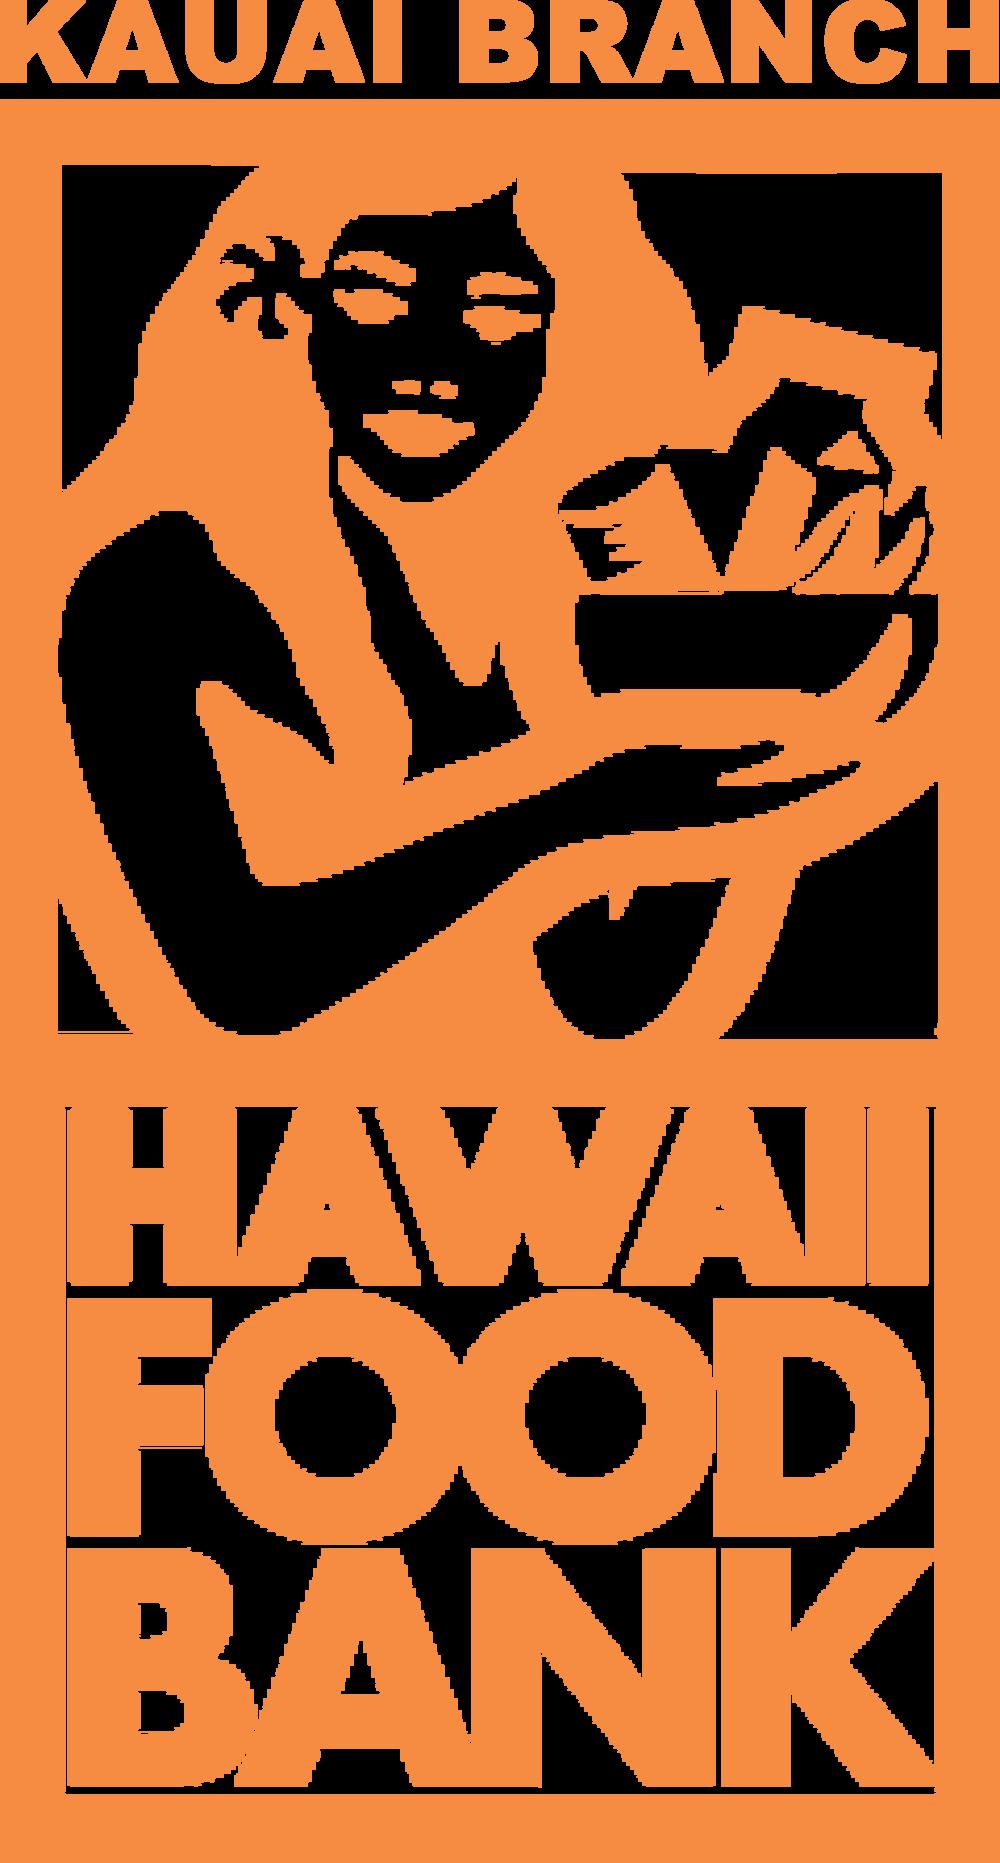 Hawaii Foodbank Kauai Branch Logo Orange2017.png